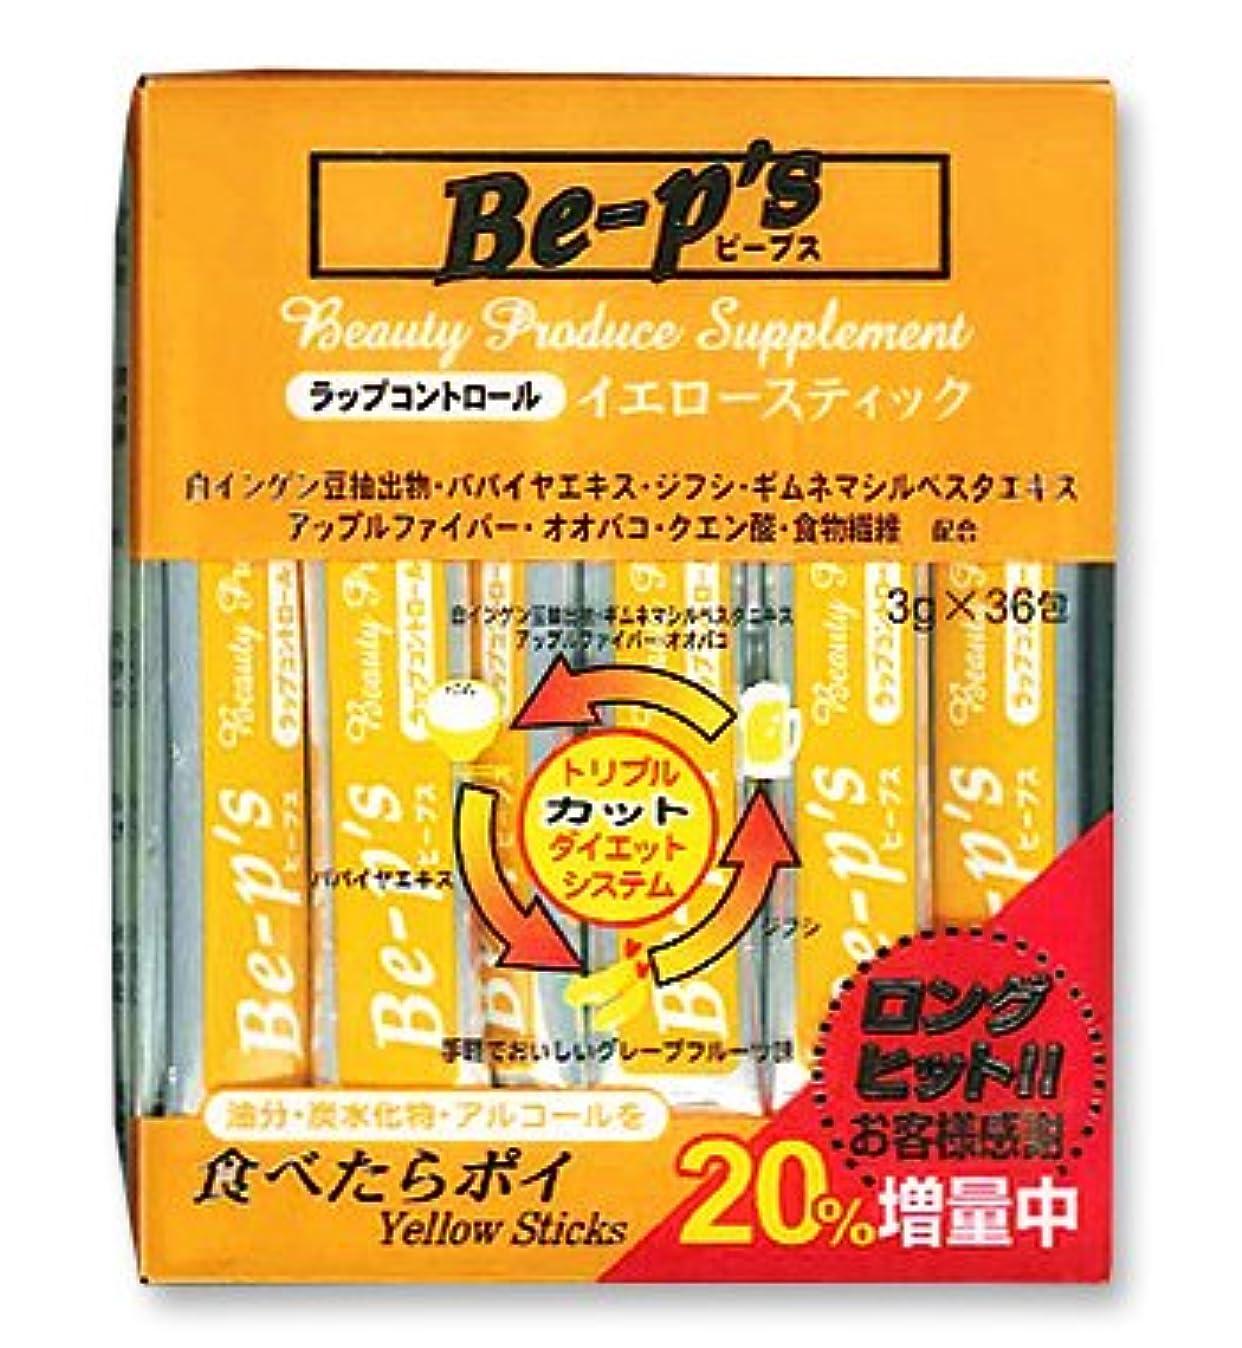 溢れんばかりのエラー換気するジャパンギャルズ アスティ ビープス Be-Ps イエロー 20%増量 Be-P's×10個セット